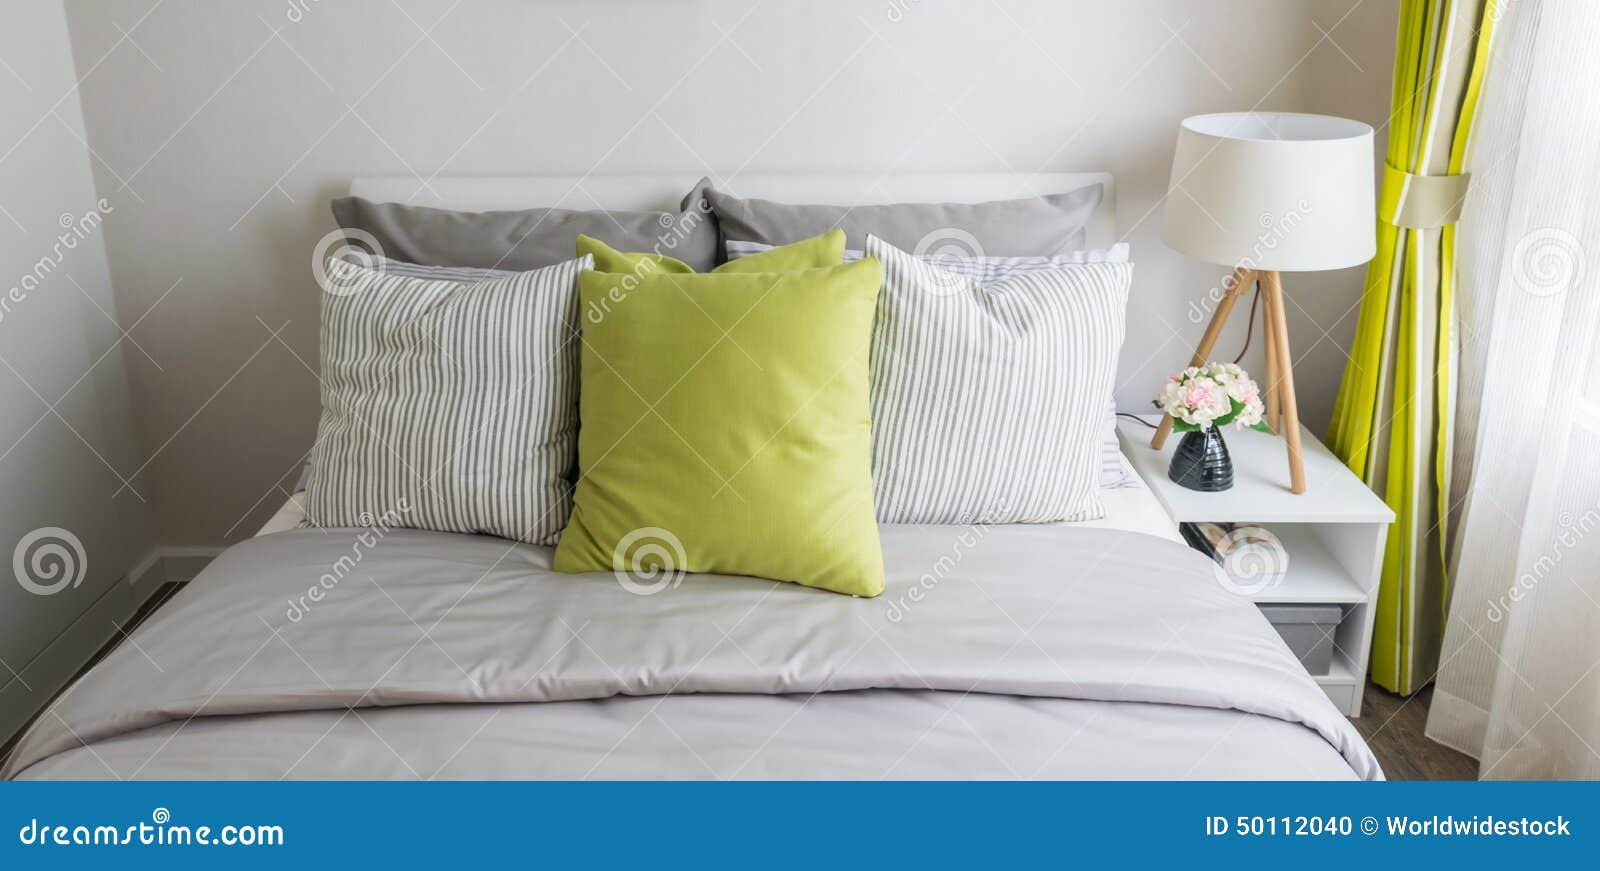 Download Modernes Schlafzimmer Mit Grünem Kissen Stockfoto   Bild Von Braun,  Inländisch: 50112040